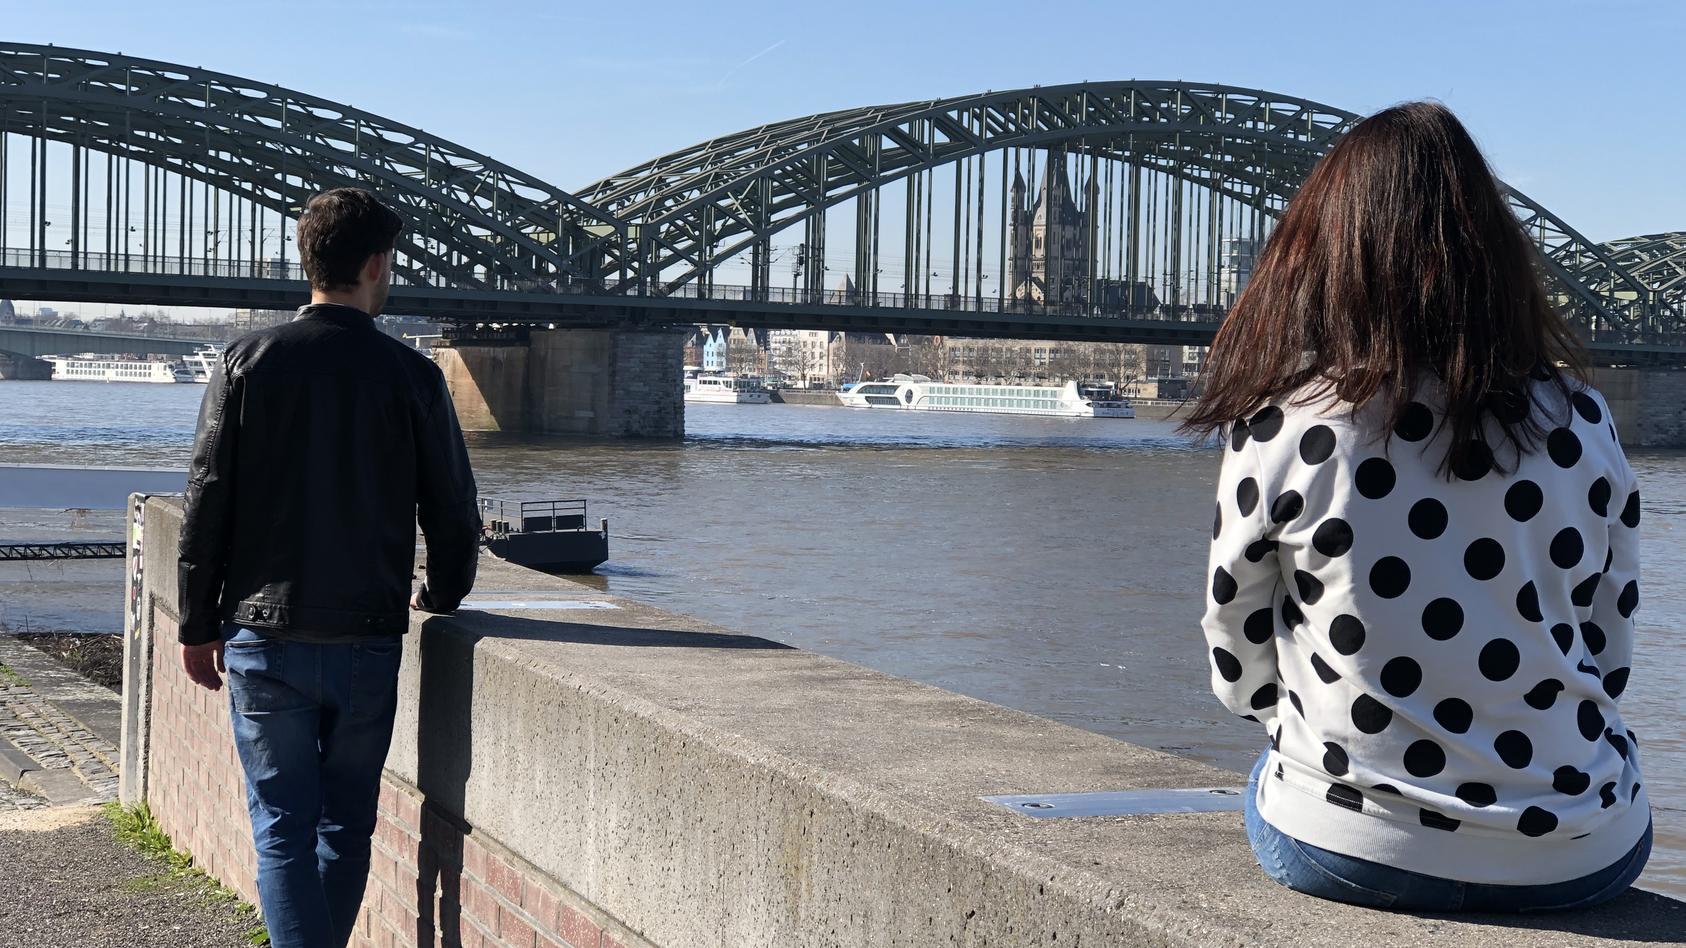 Kolumnistin Tina Tinderina schreibt über ihre Erfahrungen mit der Dating-App